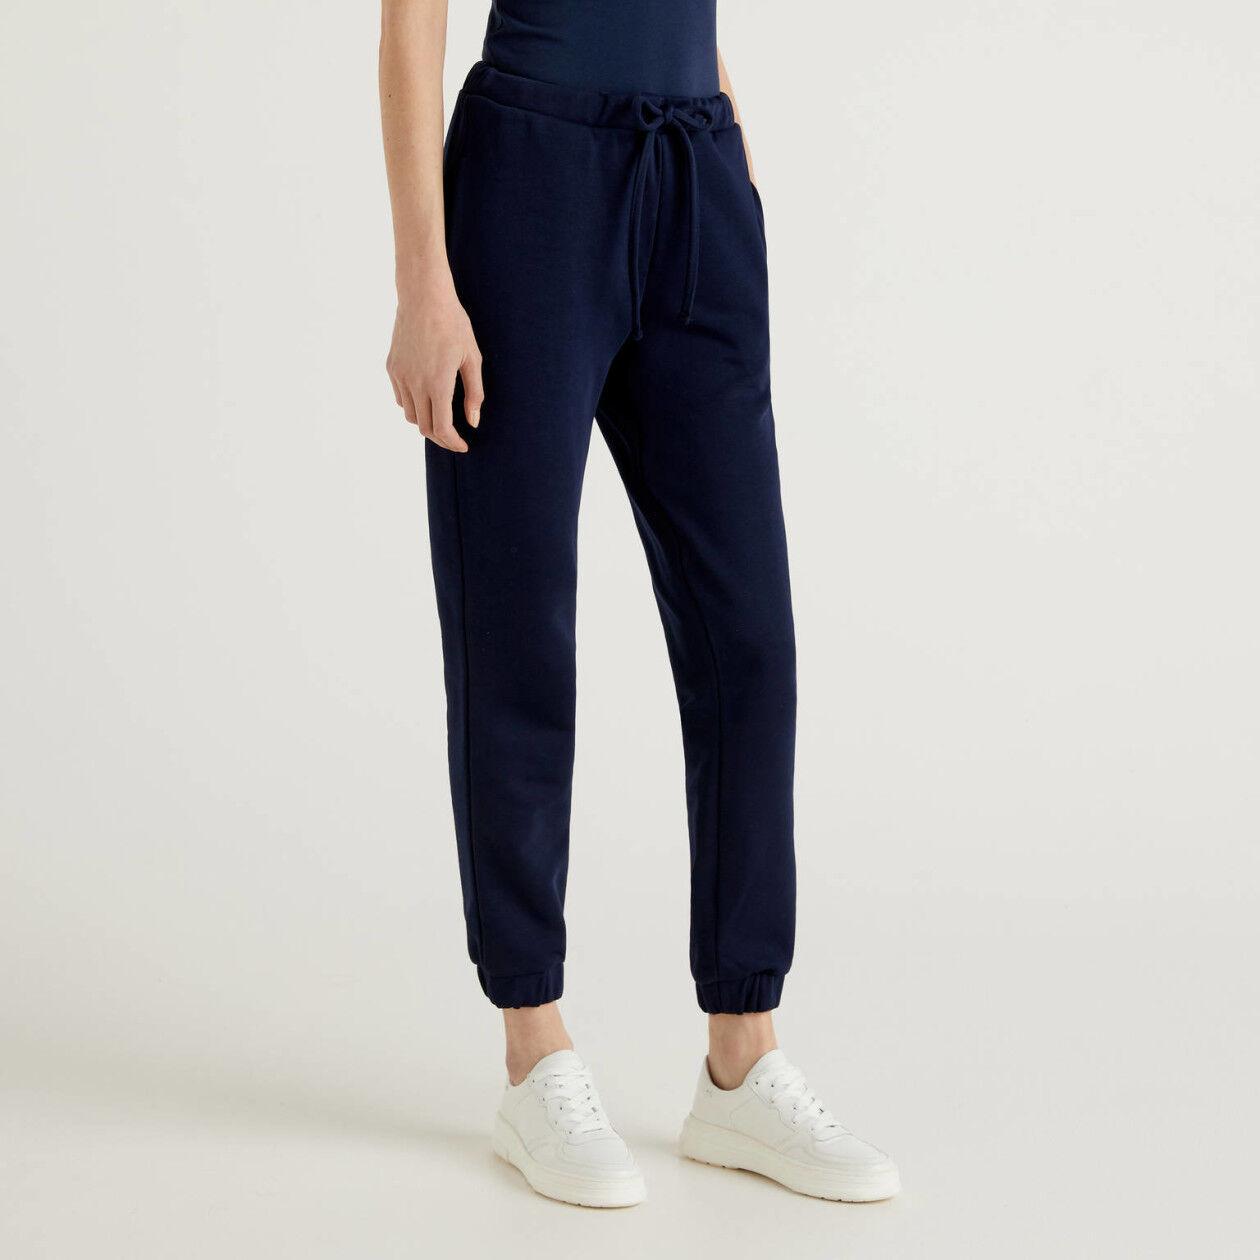 Pantaloni in felpa blu scuro